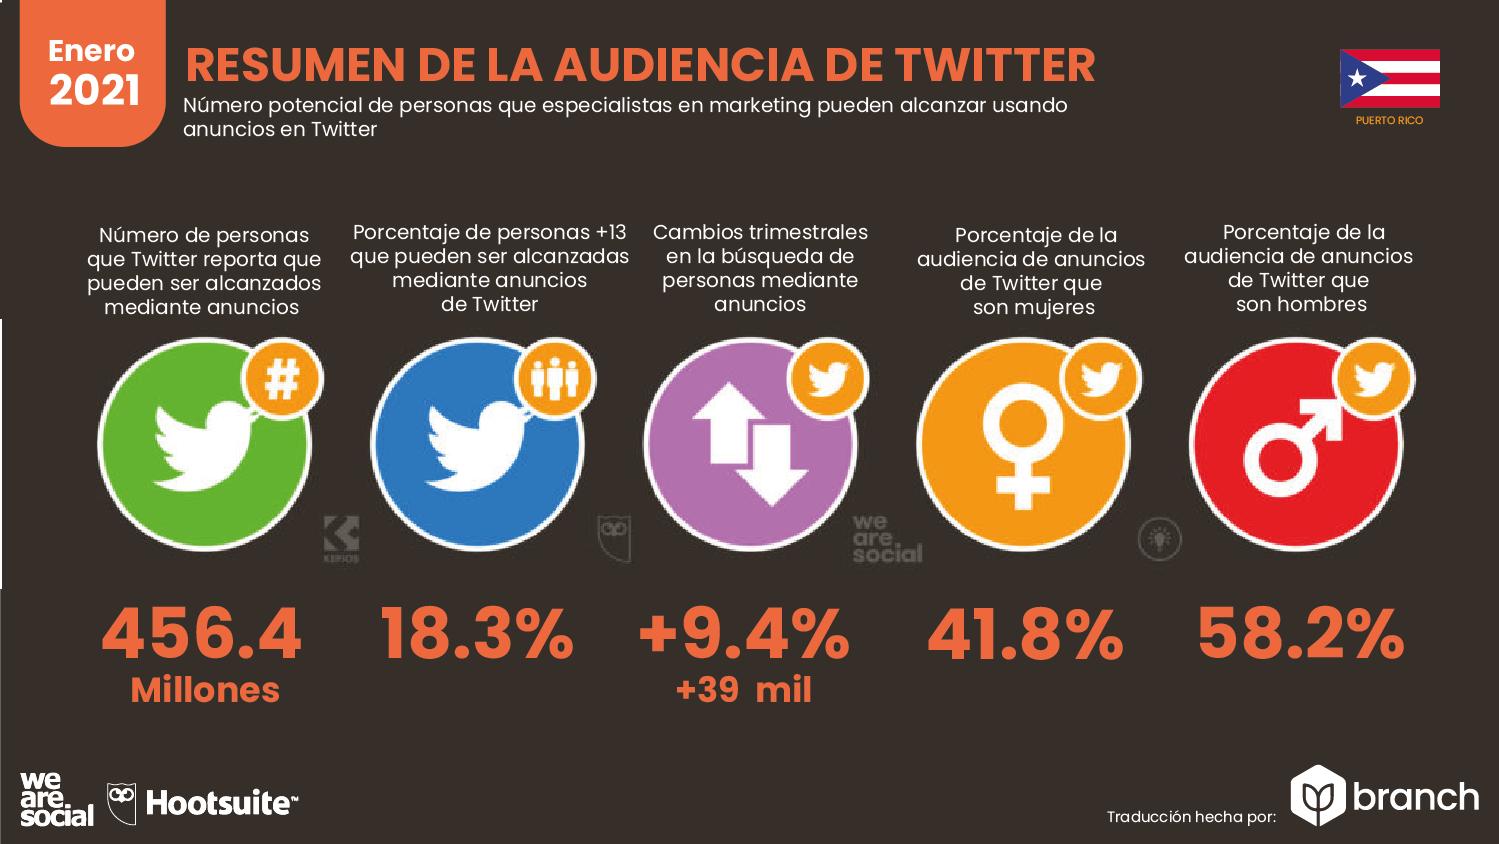 twitter-en-puerto-rico-2020-2021